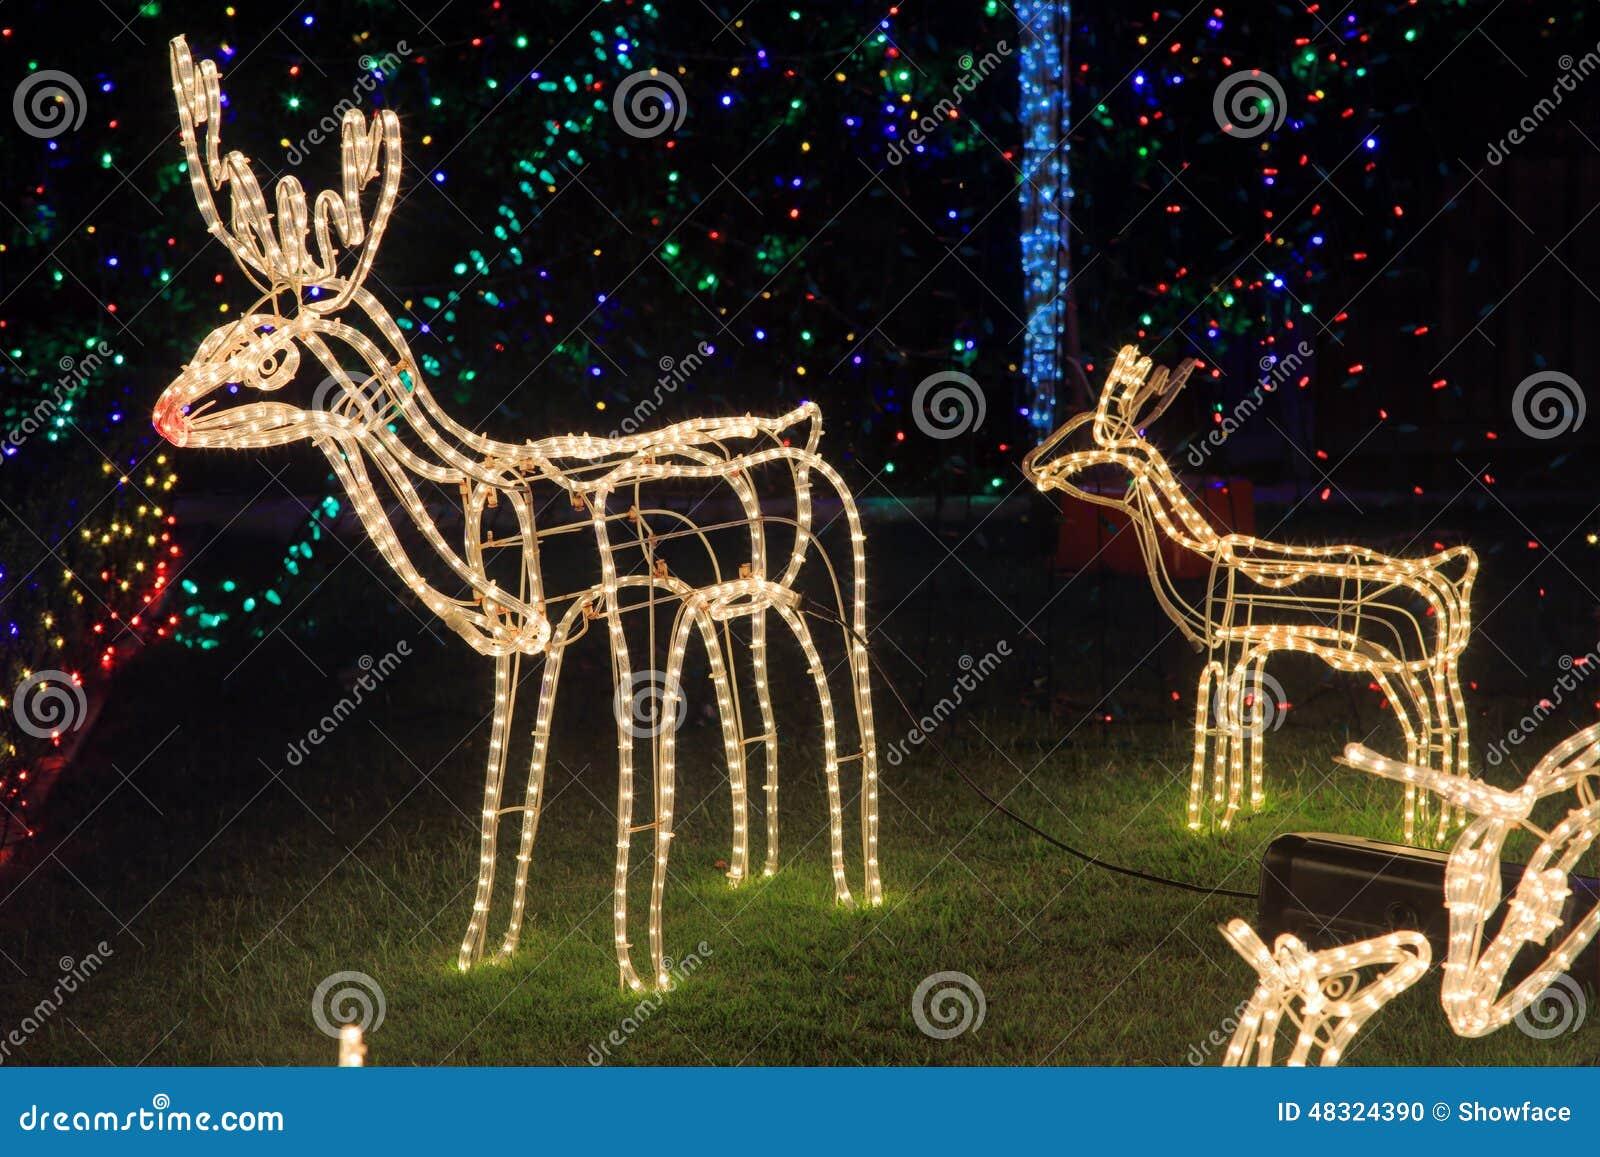 Luz brillante de las decoraciones de la navidad del reno - Renos de navidad con luces ...